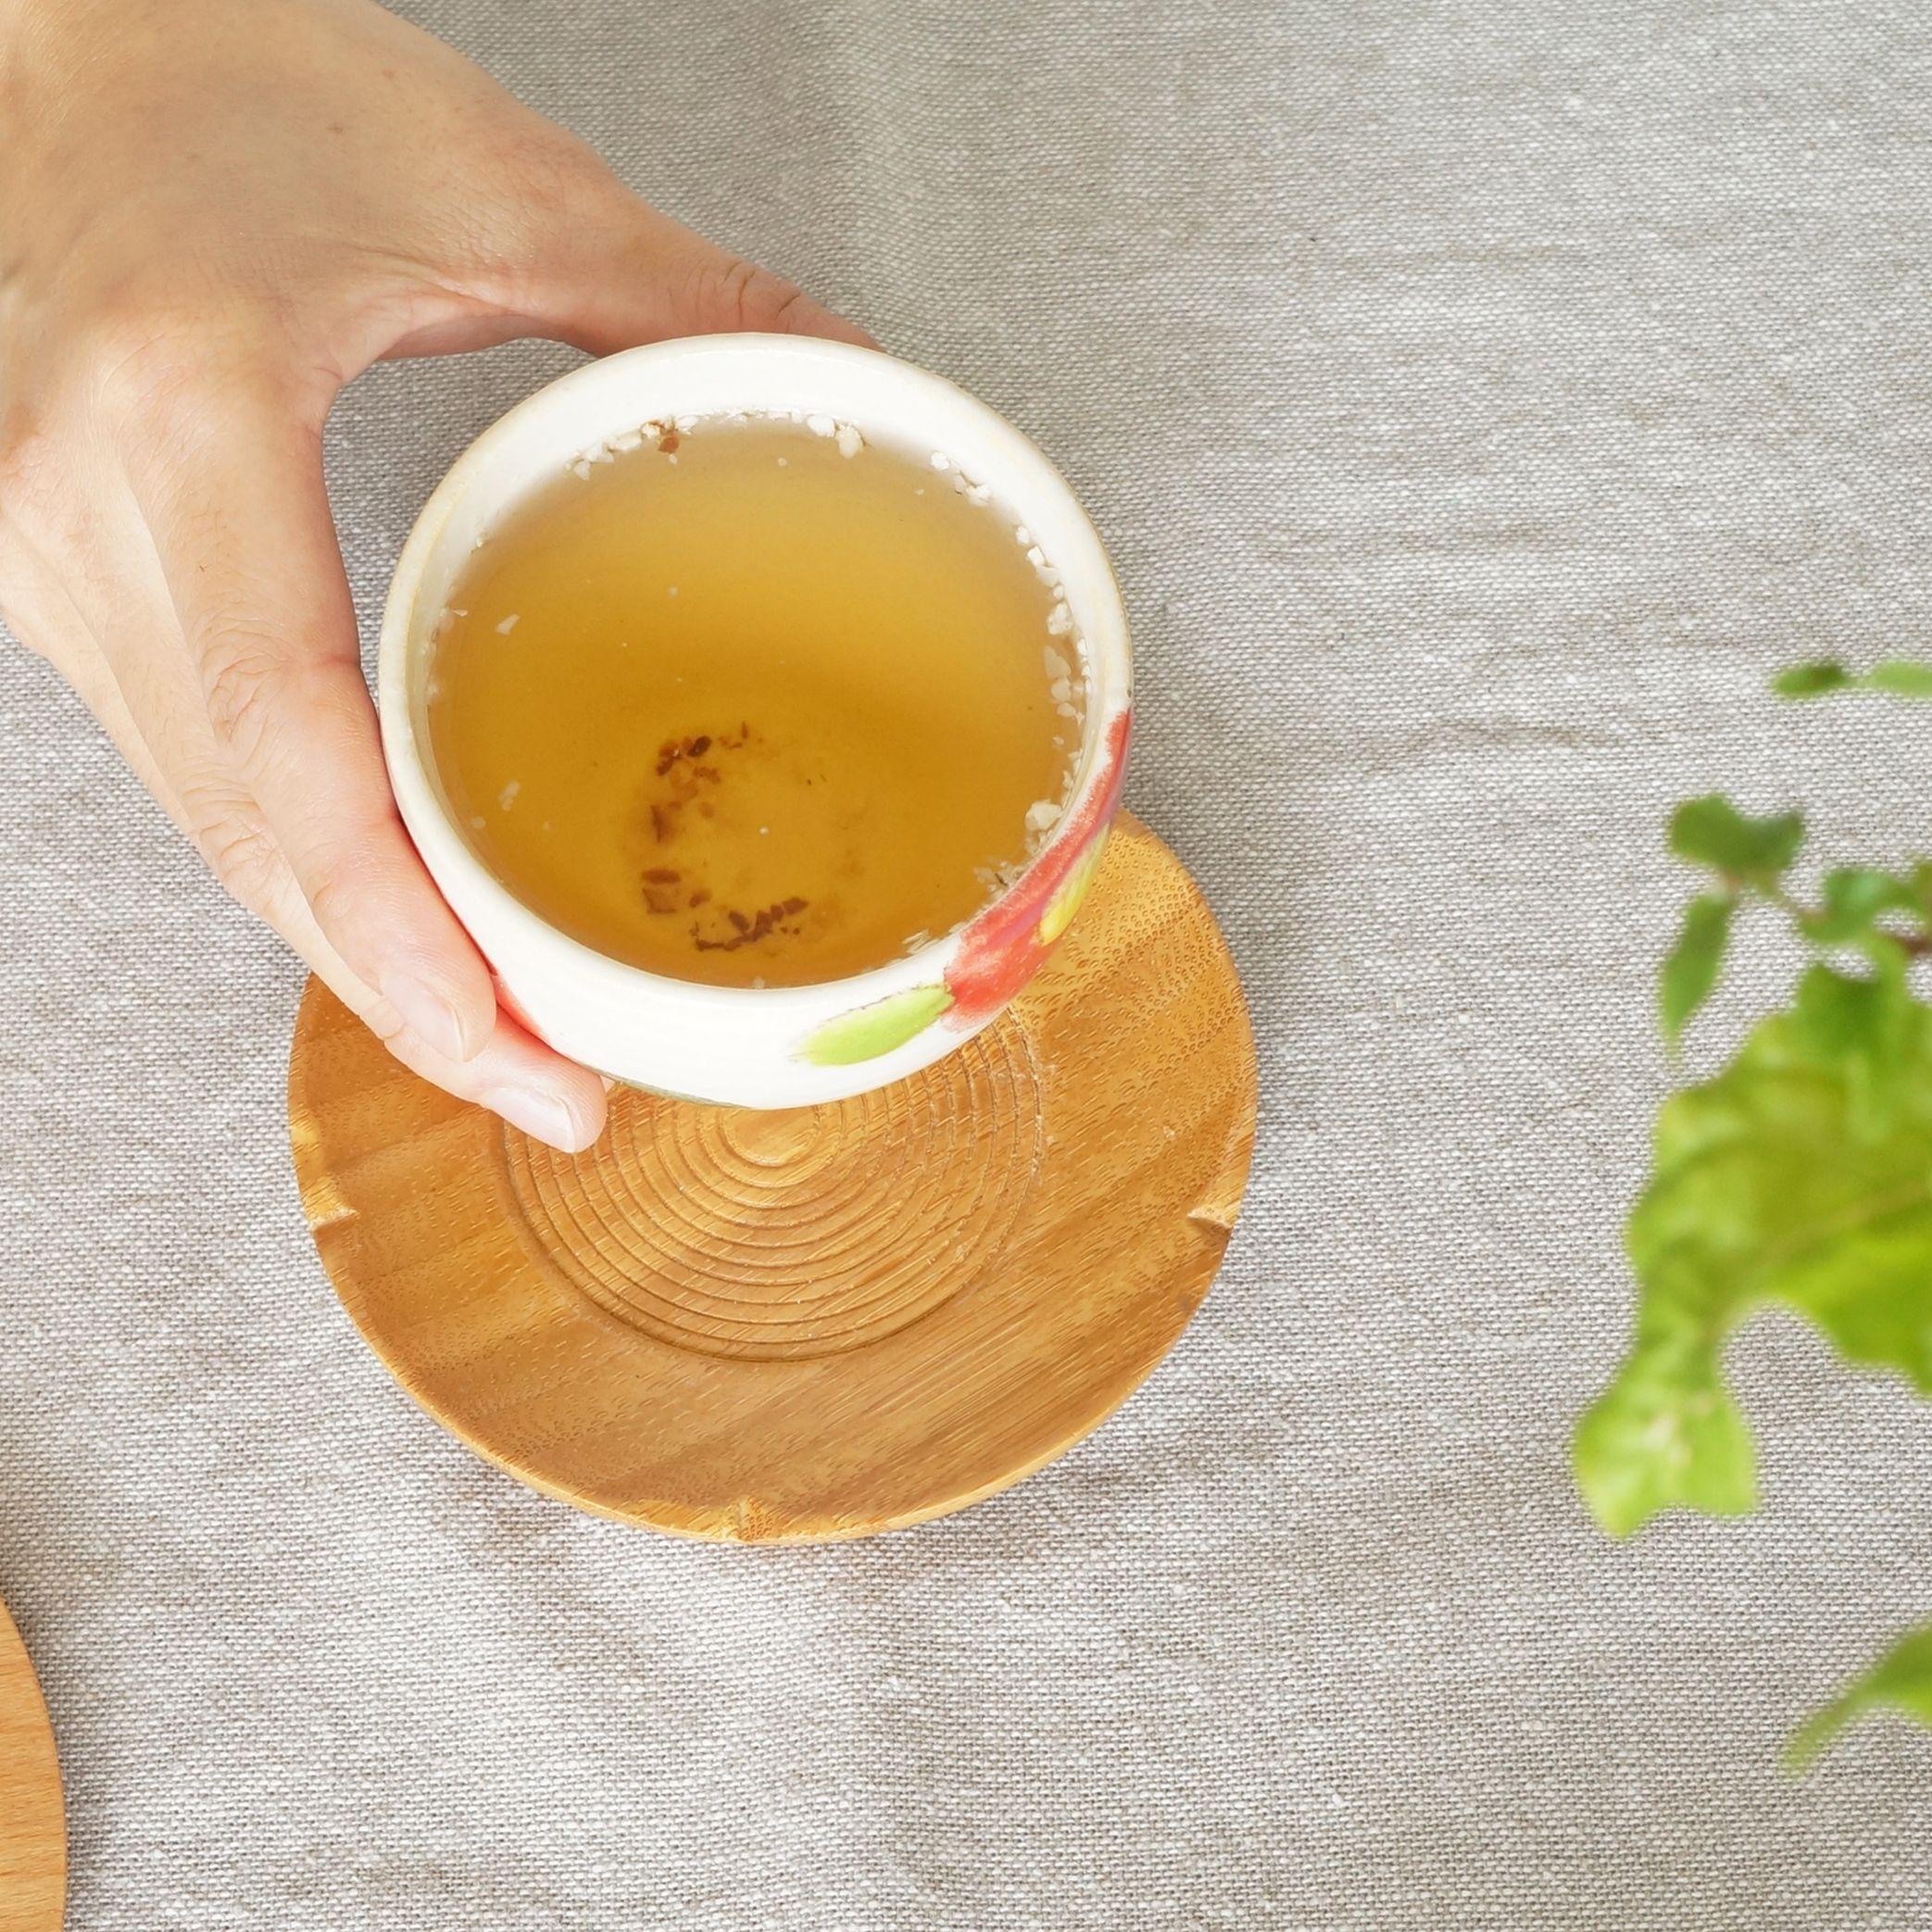 今日のお茶は しいたけ茶 知る人ぞ知る コレステロール値が気になる方にオススメのお茶です 名前に 茶 と付いているので 緑茶などのようなお茶をイメージしてしまうかもしれませんが お茶というよりは出汁です グルタミン酸が豊富なだけあって 旨み濃厚